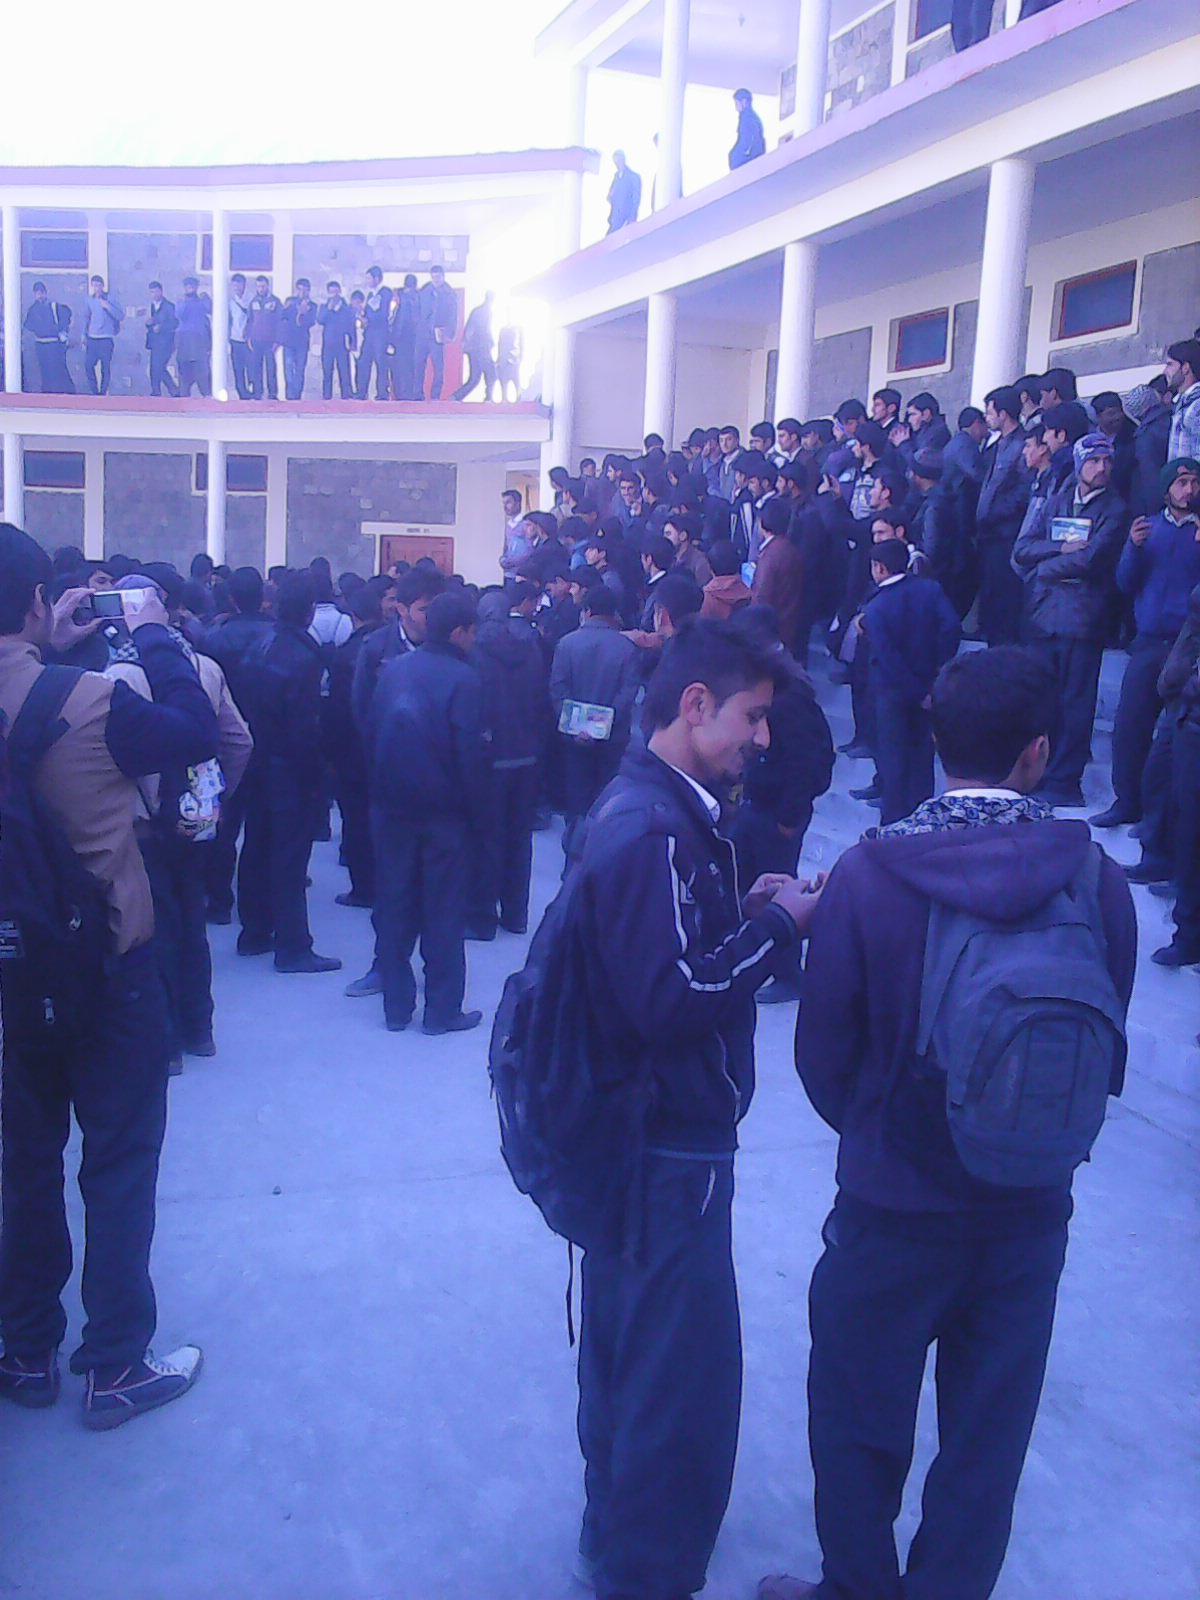 ہزاروں طلبہ کے لیے صرف دو بسیں، ڈگری کالج مناور میں احتجاجی مظاہرہ